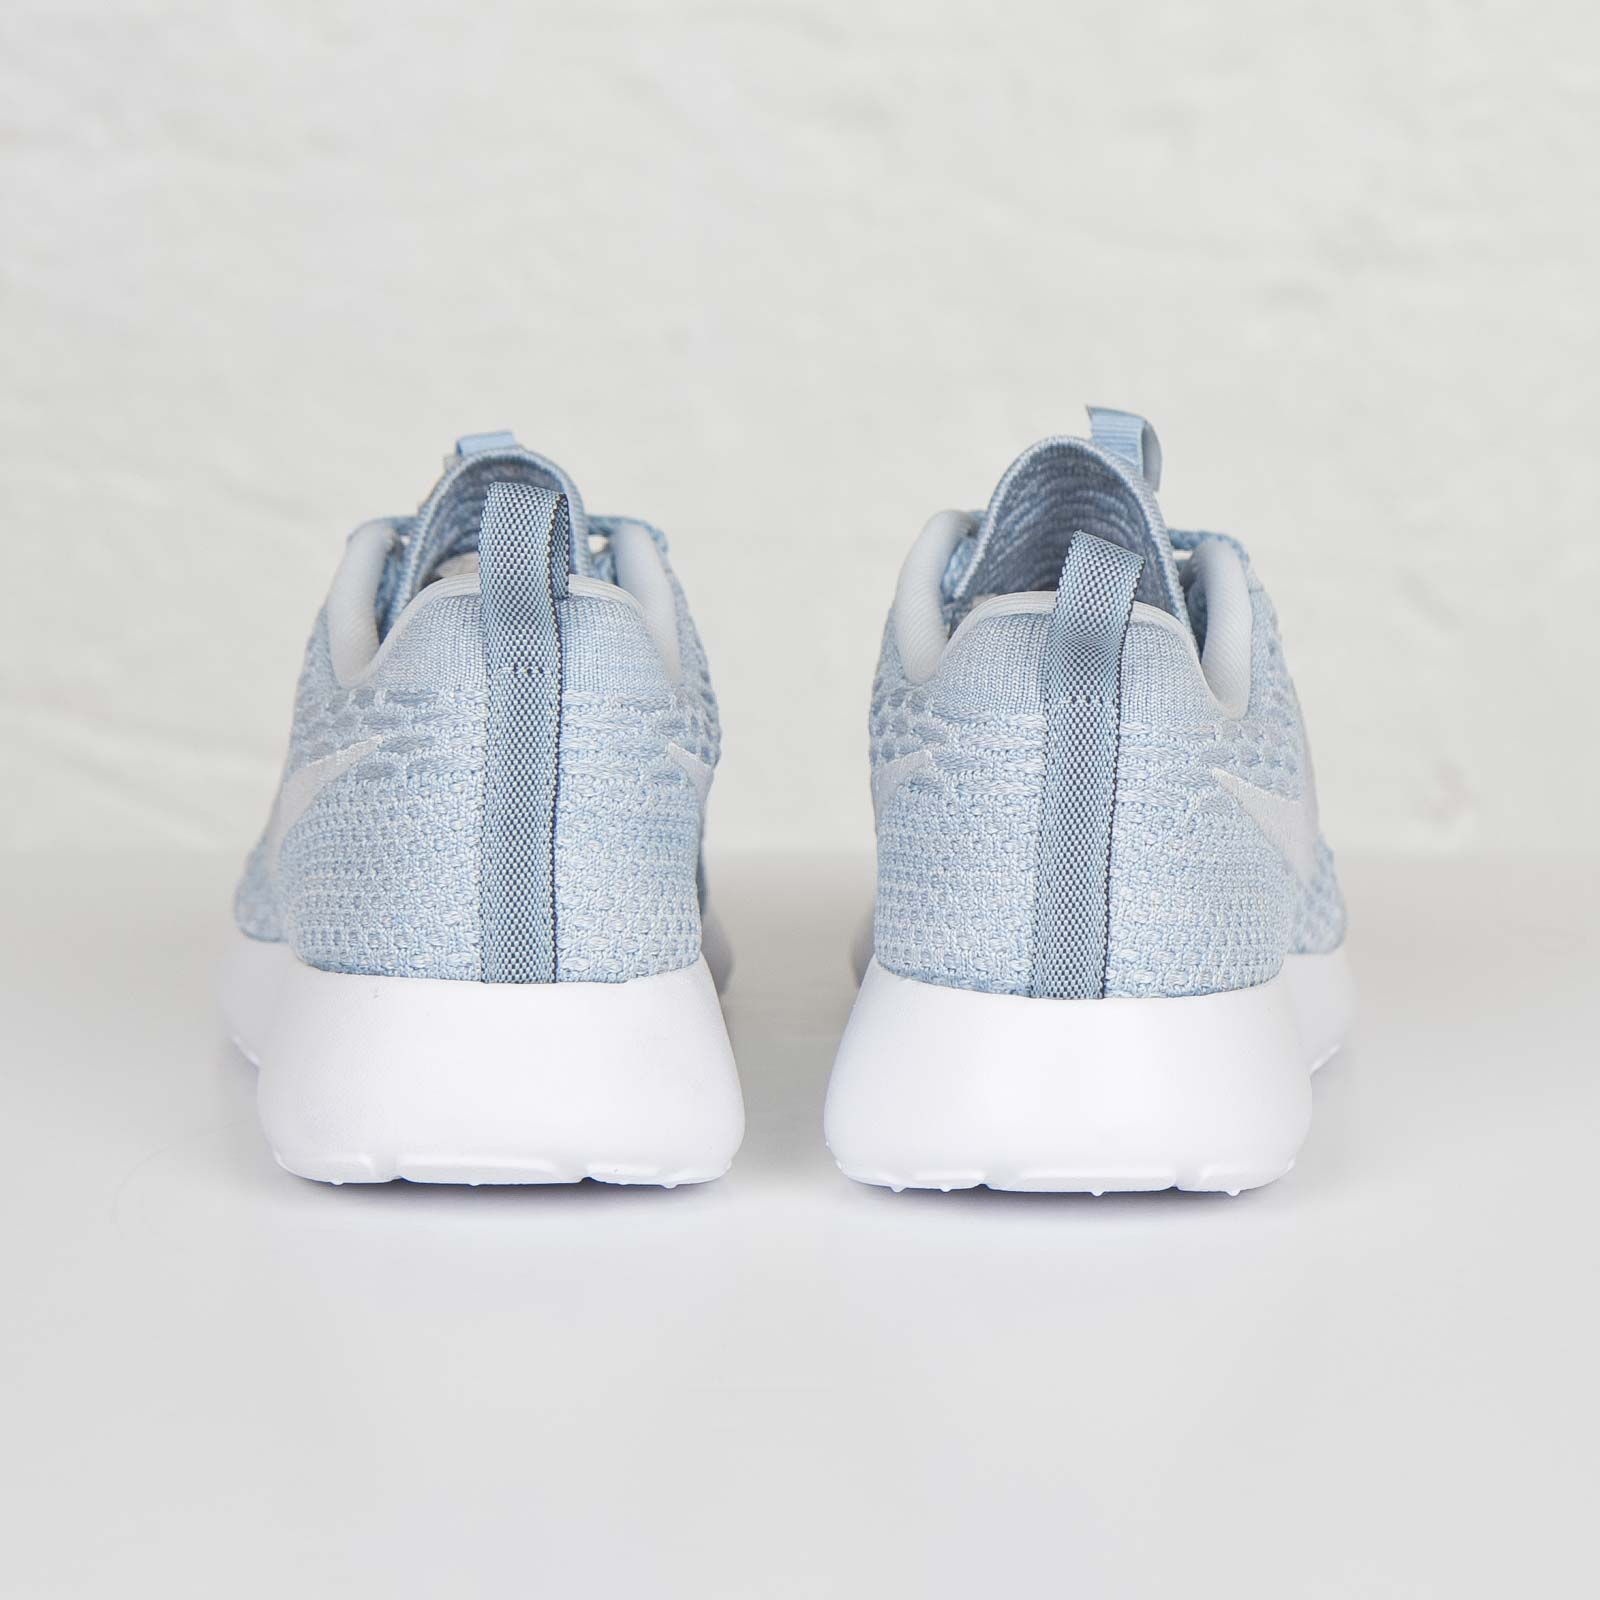 Nike Wmns Roshe One Flyknit 704927 401 Sneakersnstuff